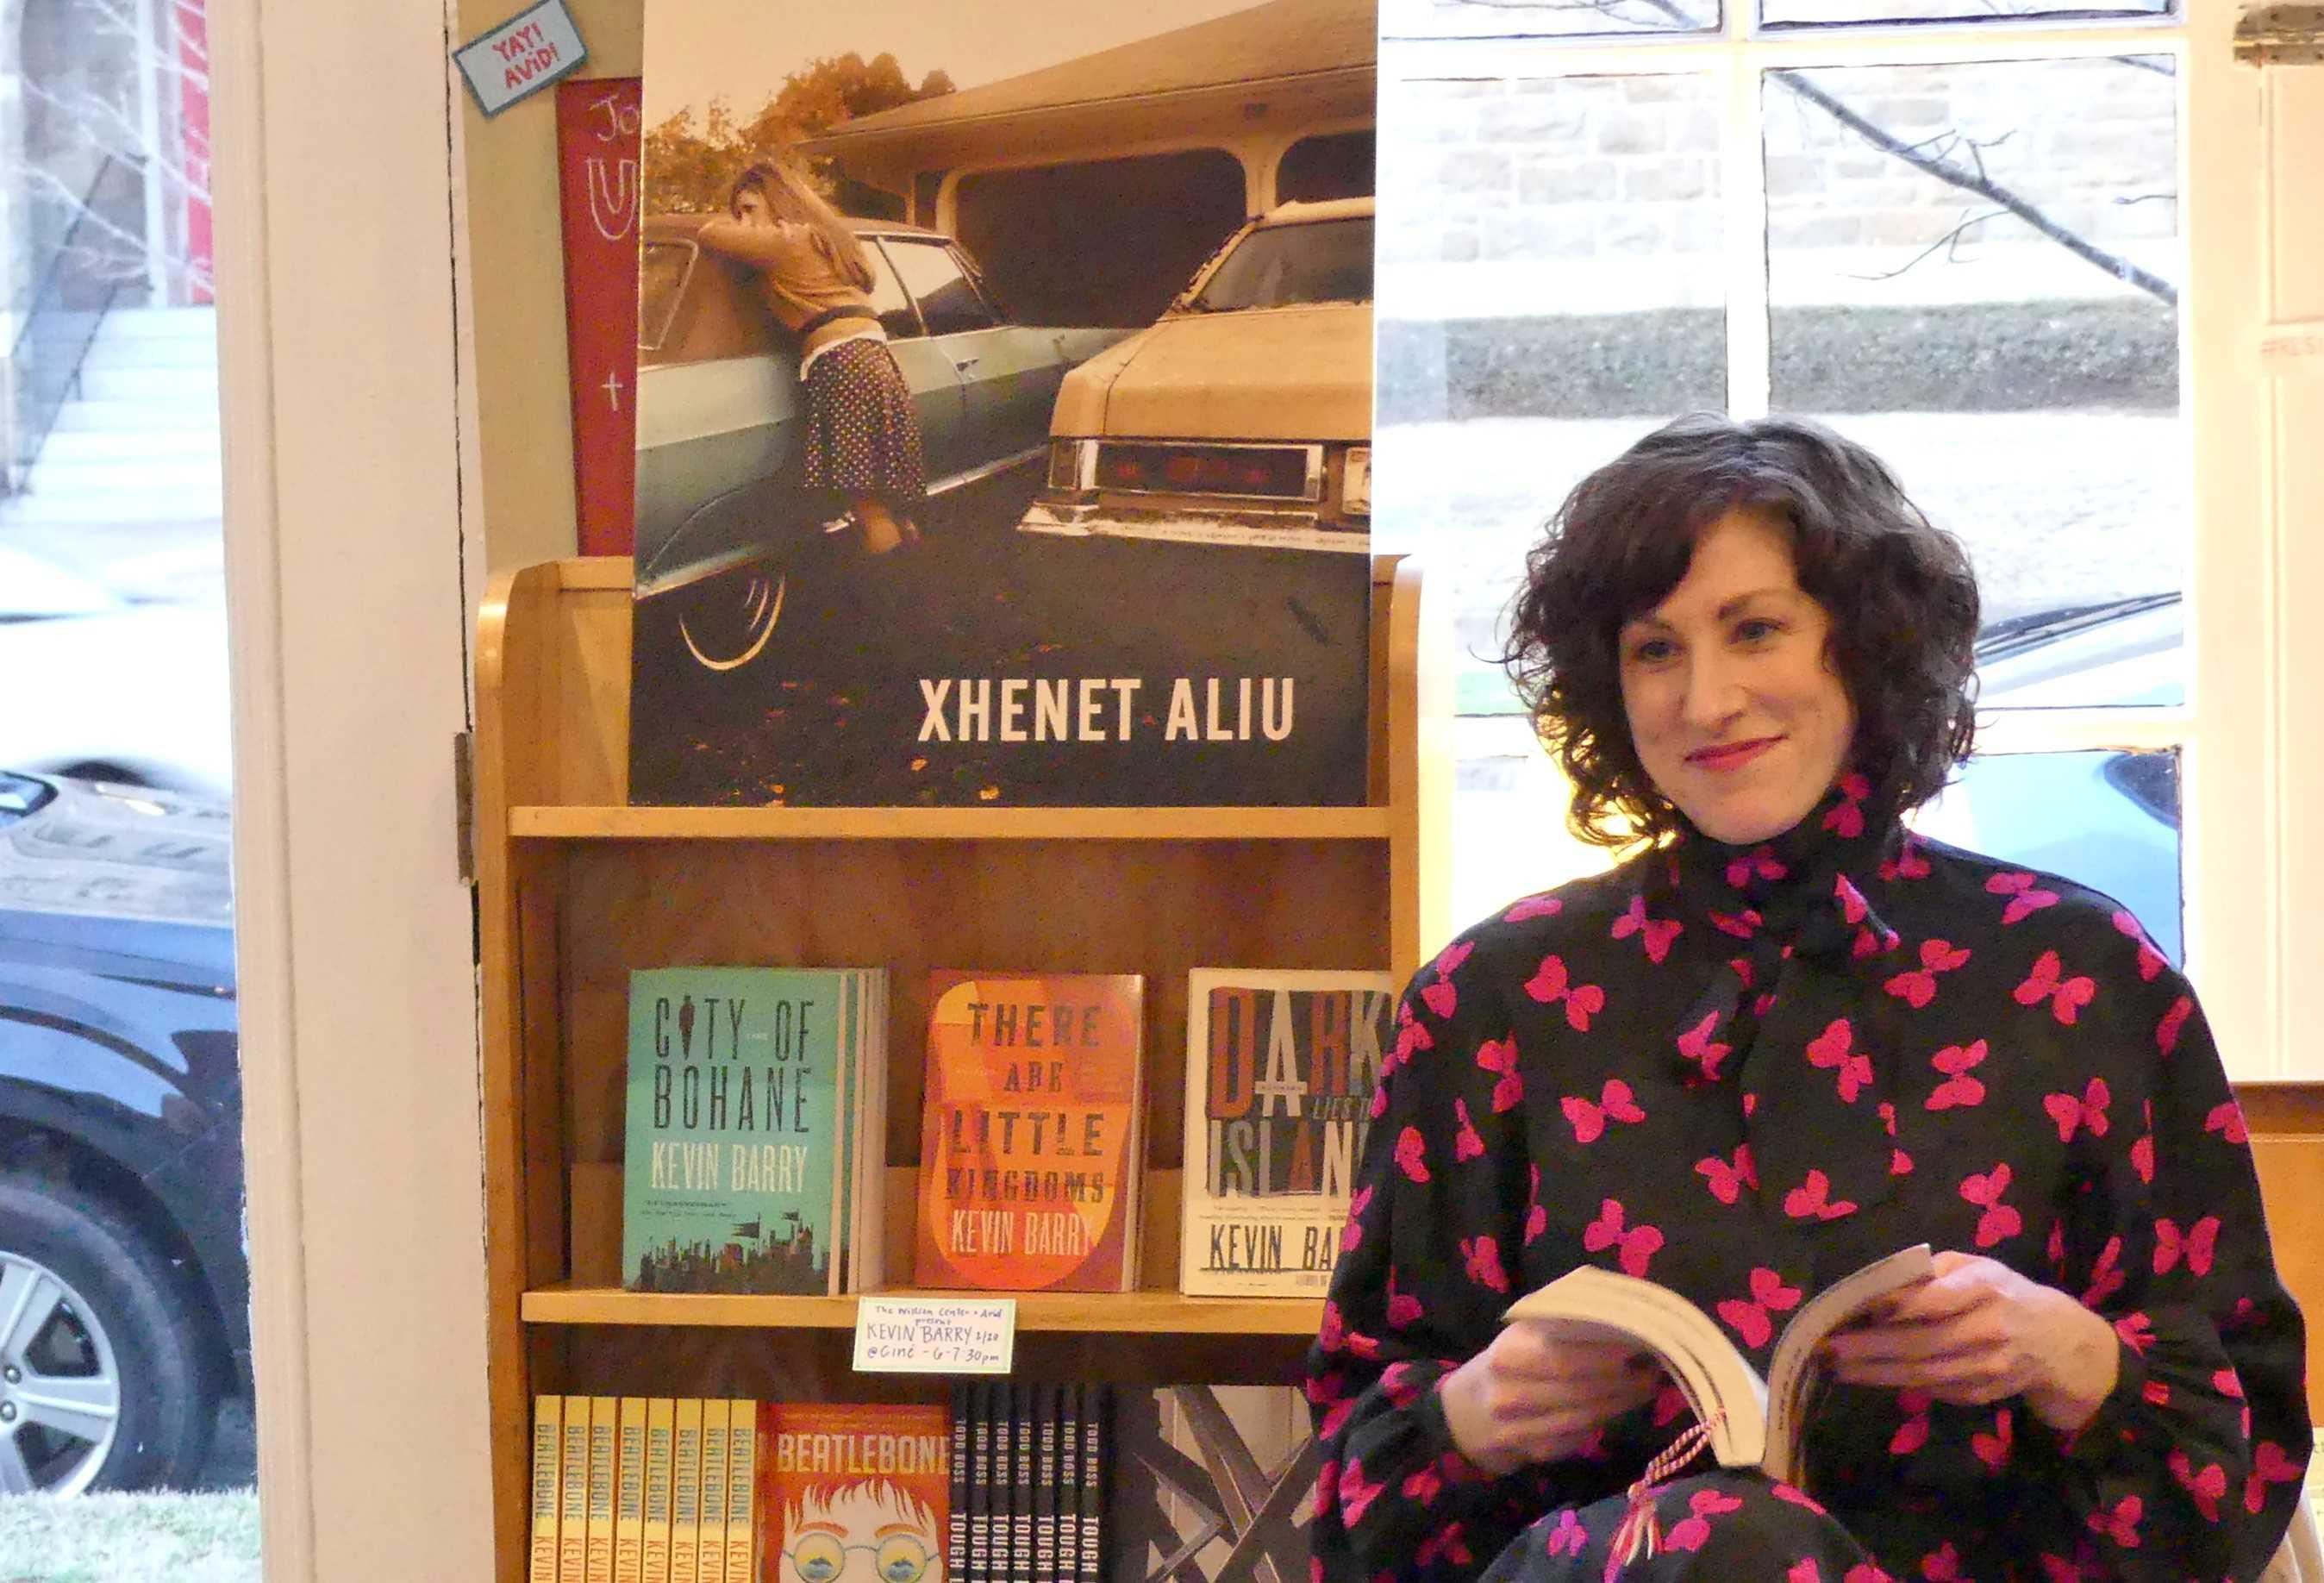 Xhenet Aliu: Tackling Teaching